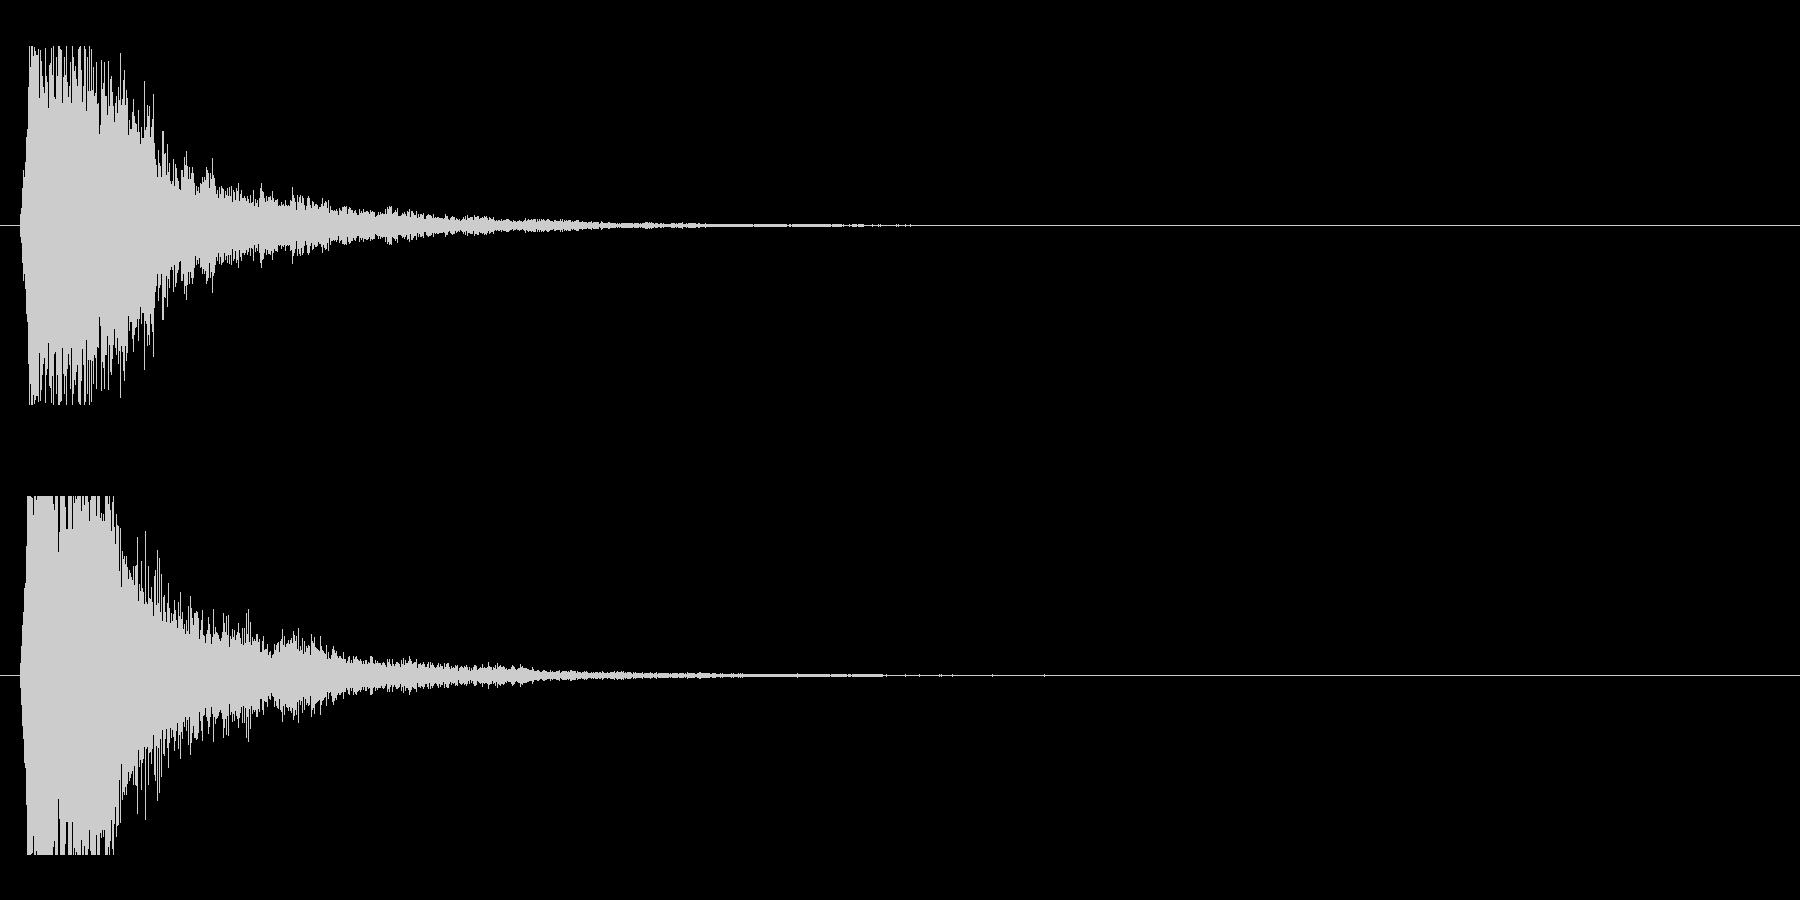 レーザー音-49-1の未再生の波形